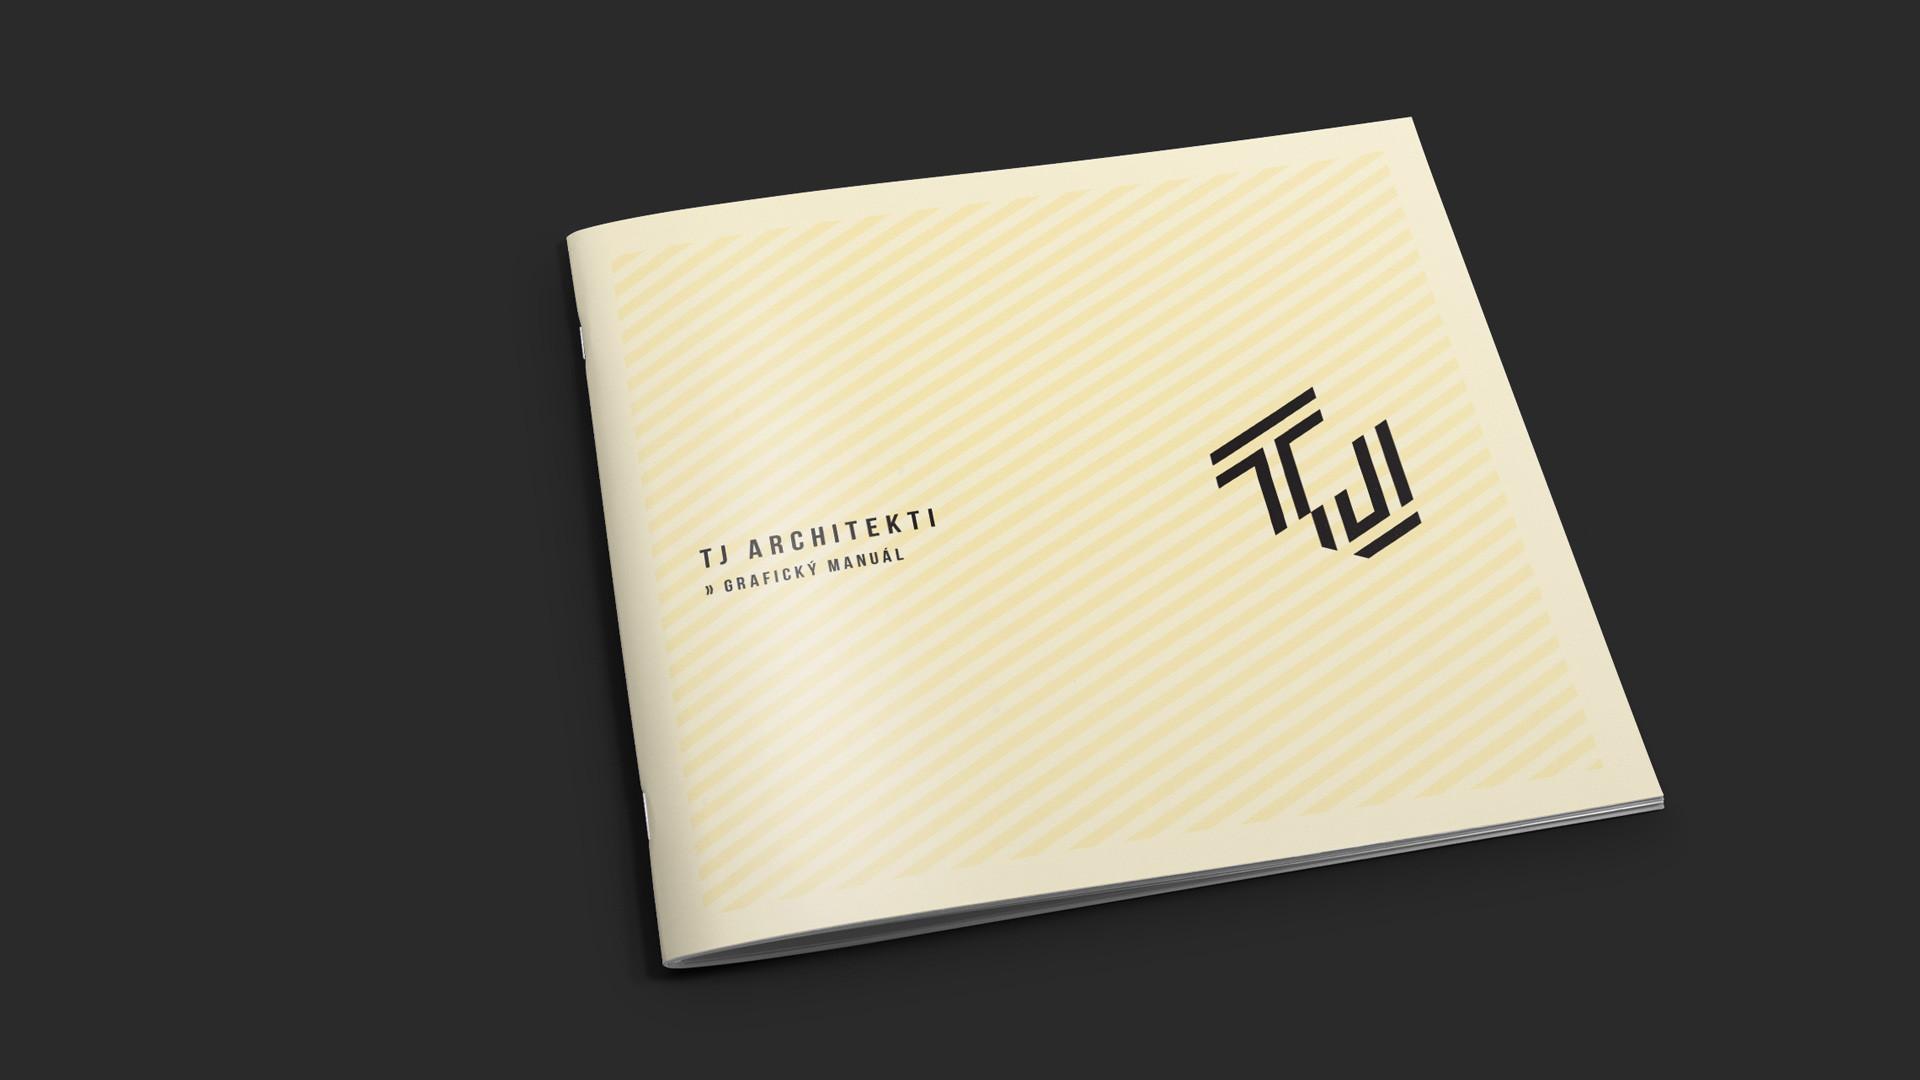 TJ architekti grafický manuál